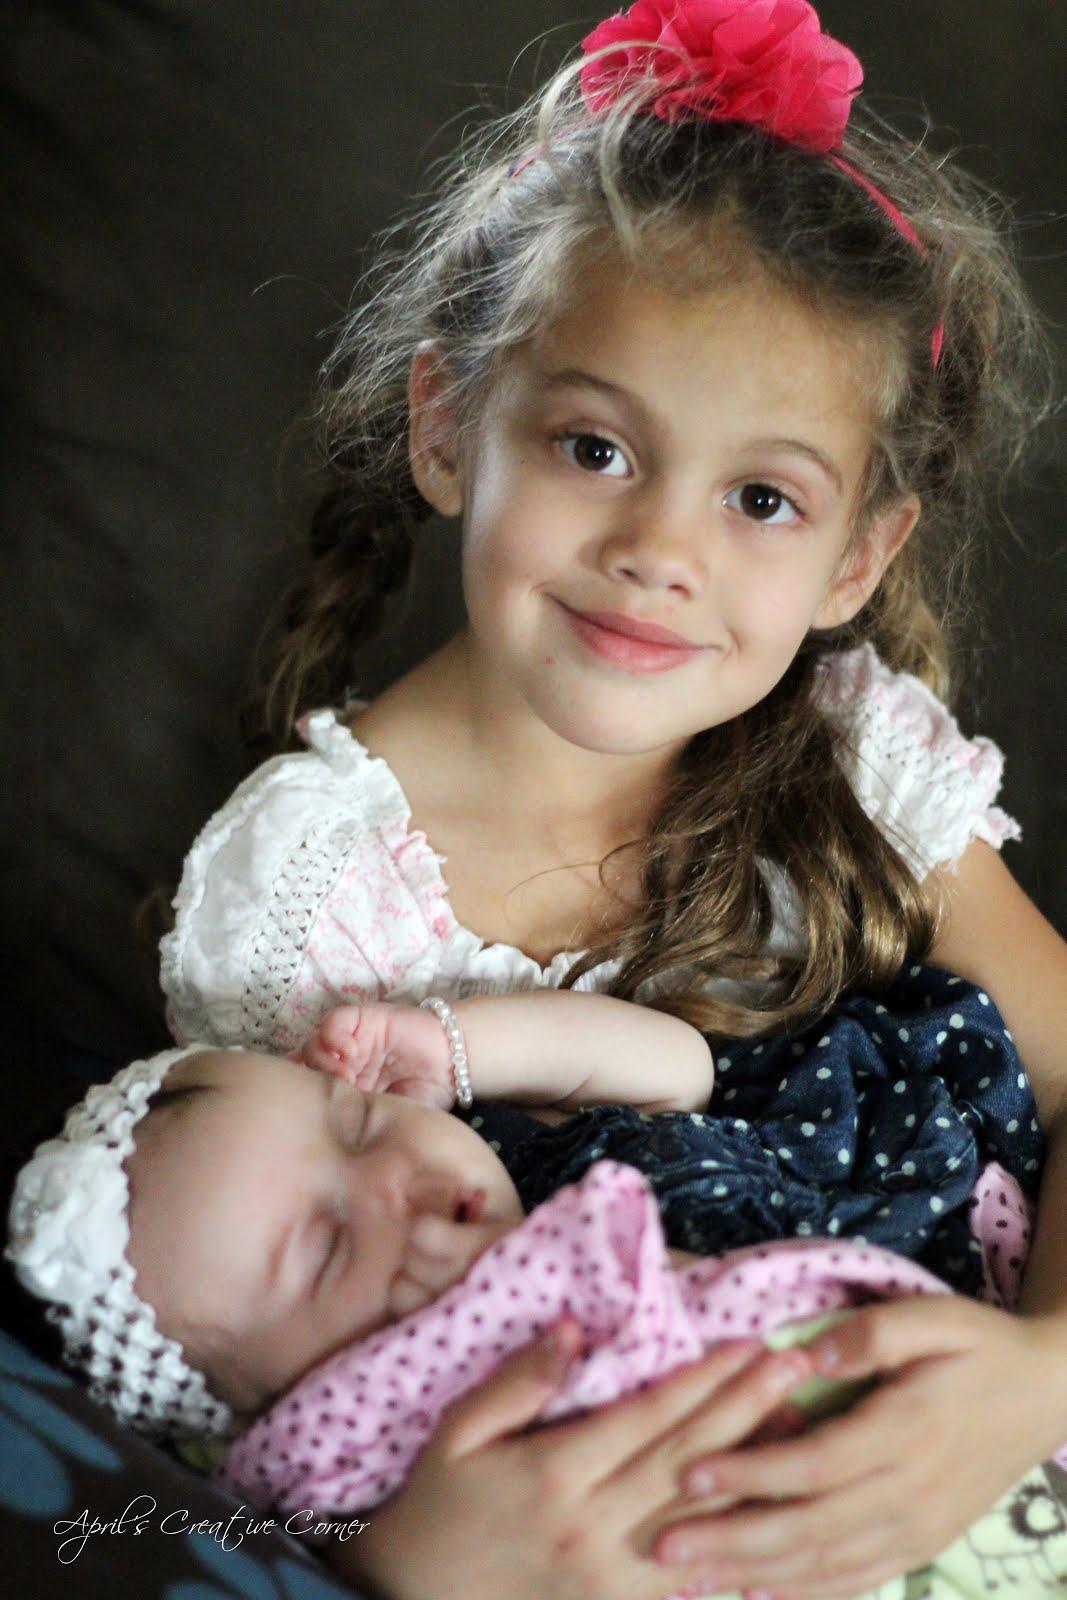 Thalia S Daughter Pict...